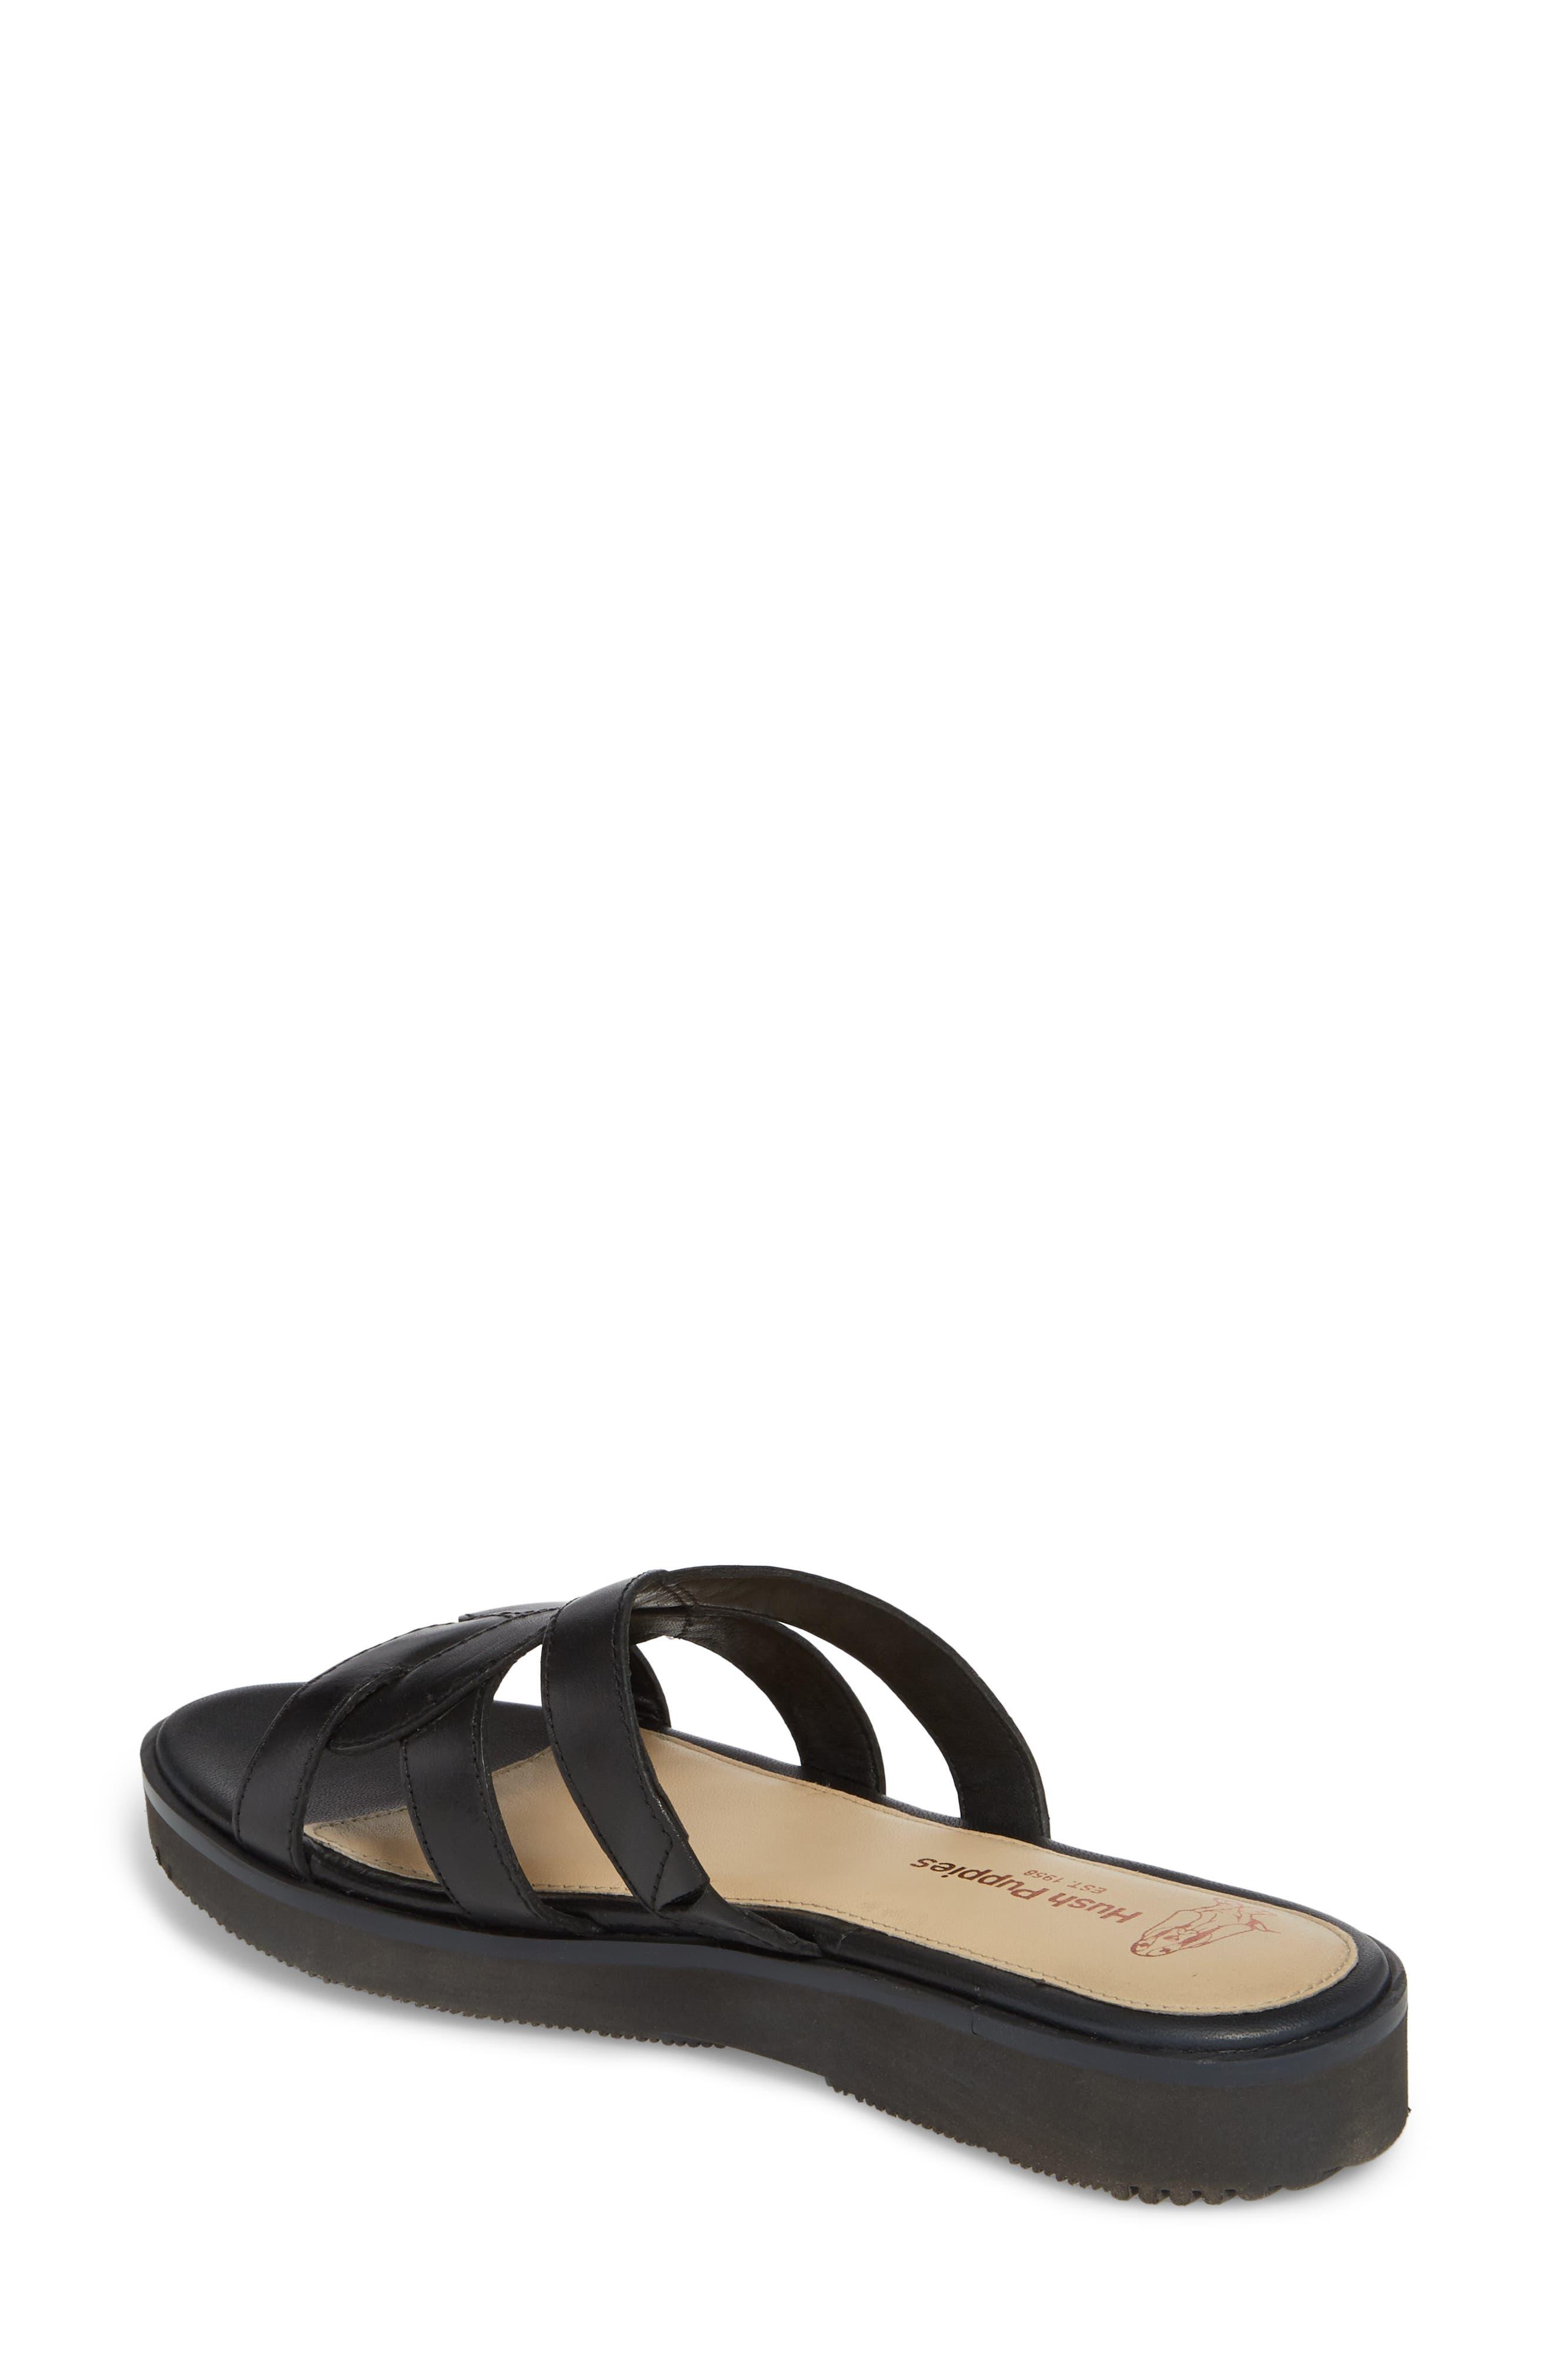 Braid Slide Sandal,                             Alternate thumbnail 2, color,                             007